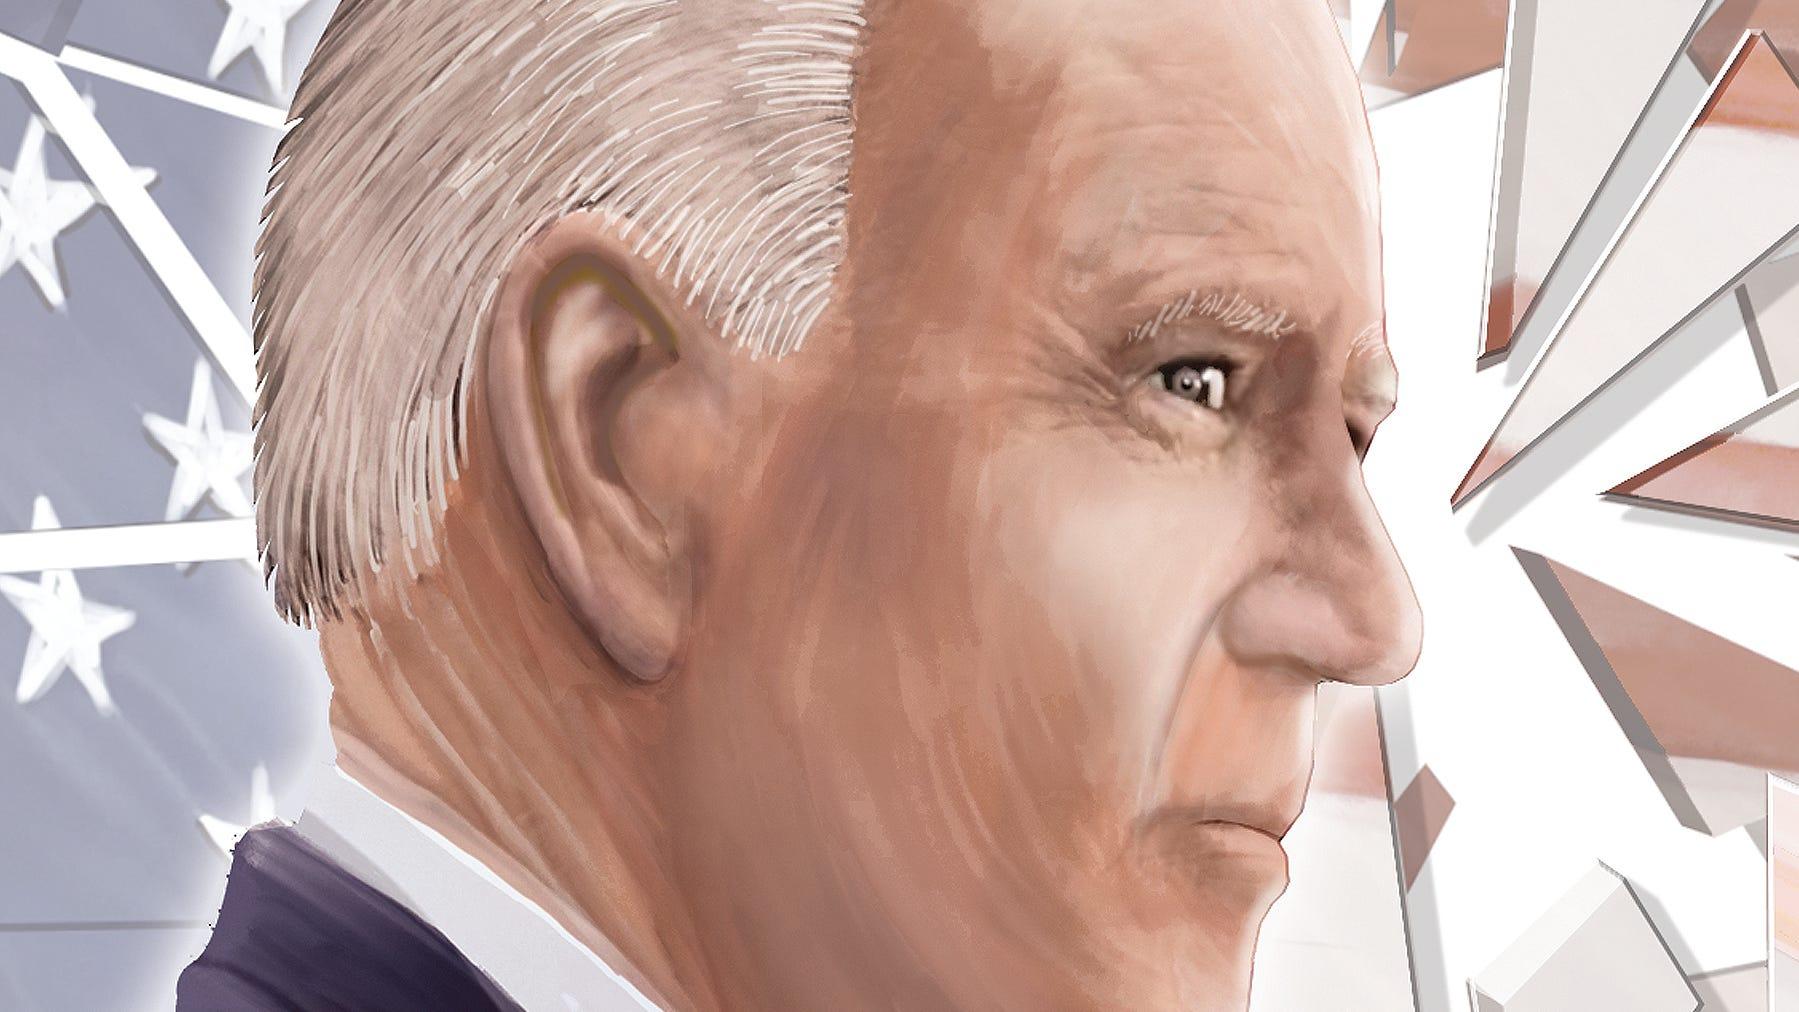 Endorsement: Joe Biden offers the course correction America needs